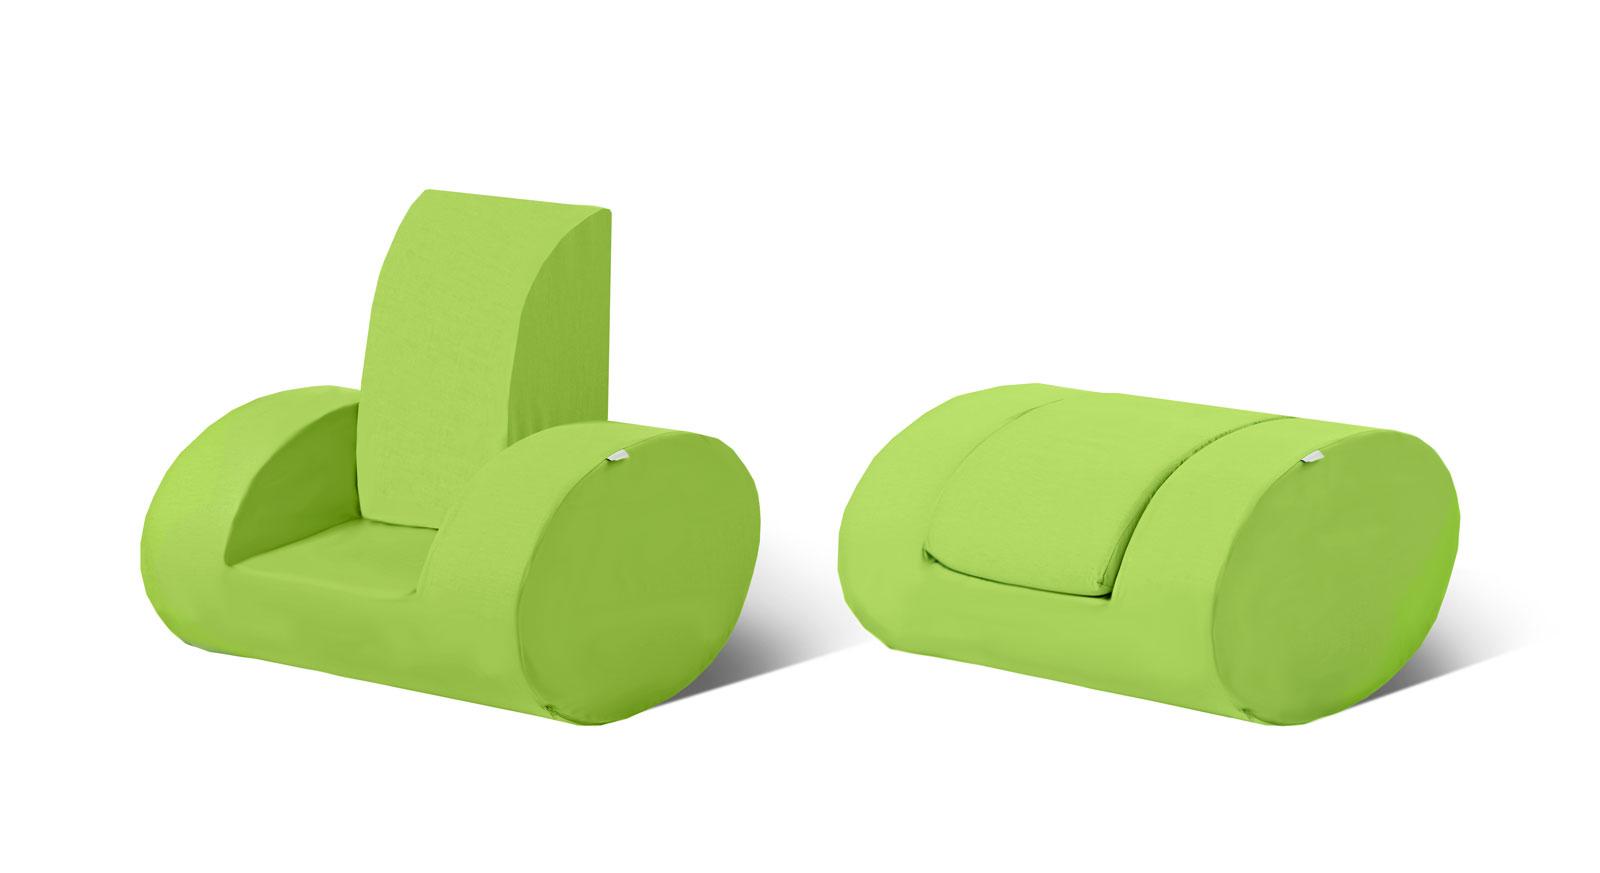 Kindersessel grün  Bequemer Kindersessel in verschiedenen Farben - Kids Heaven